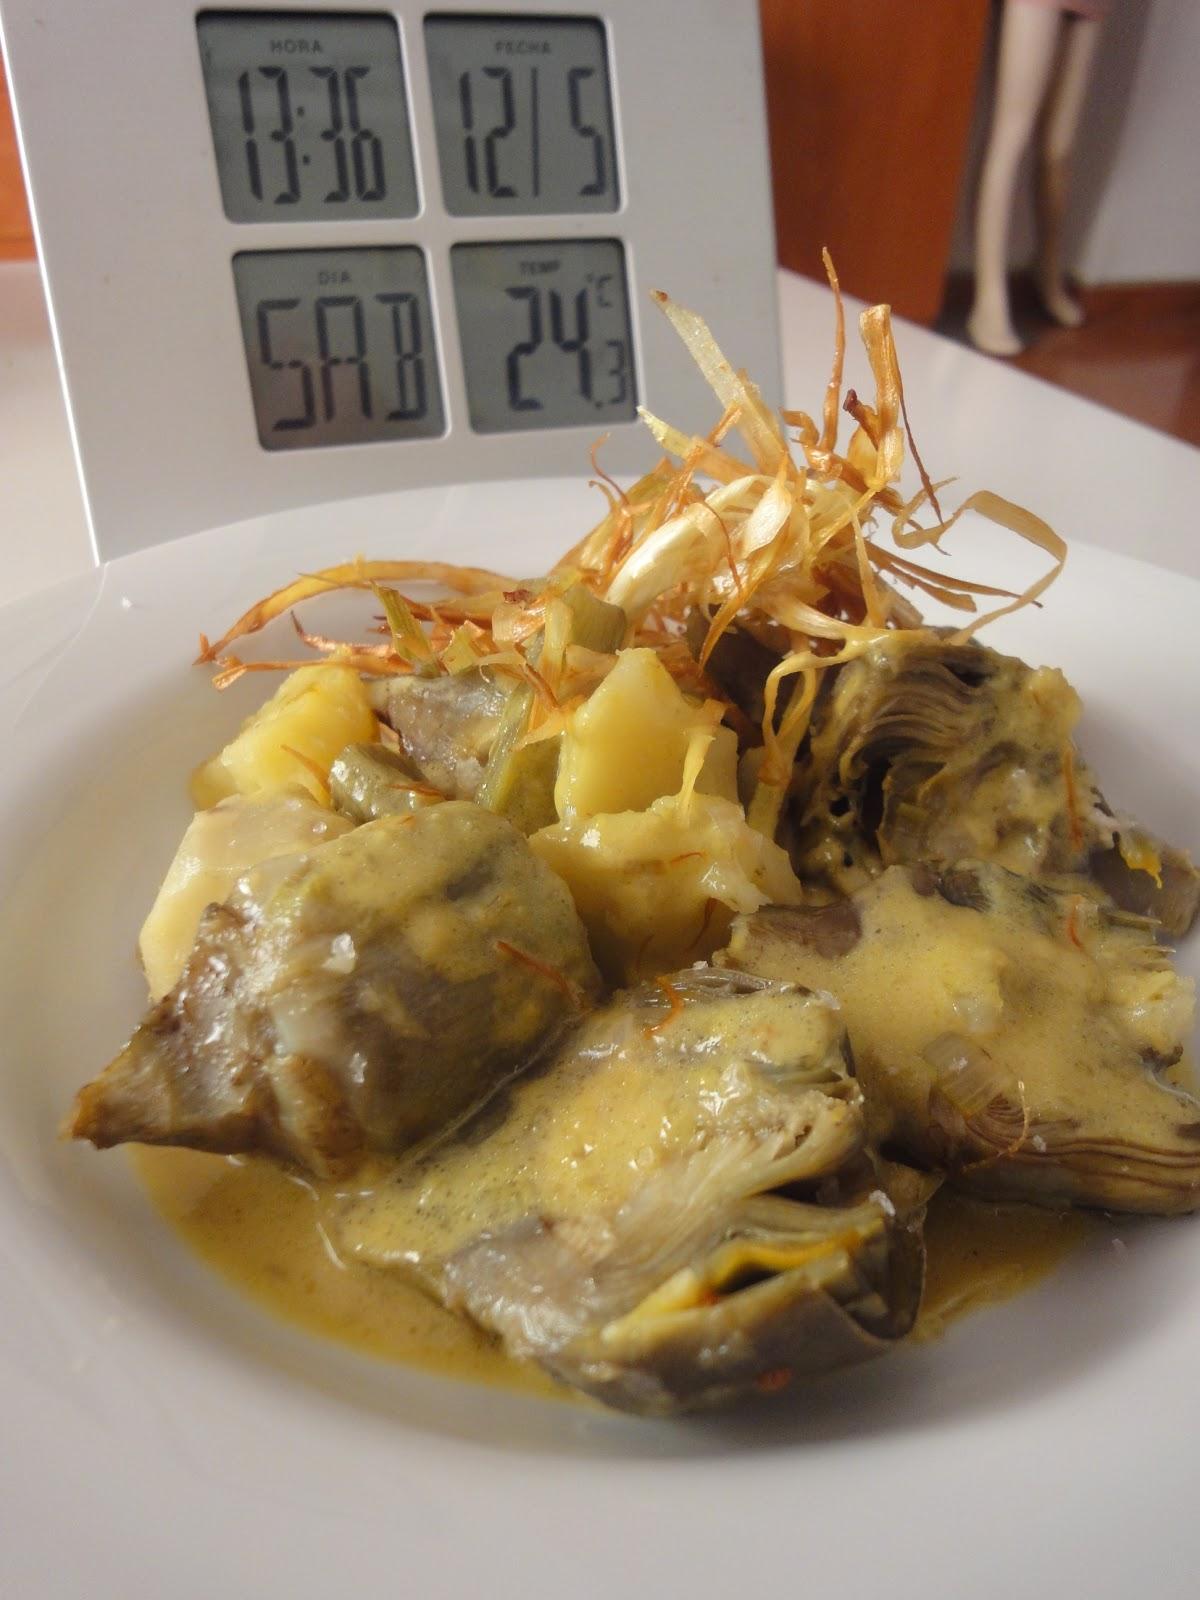 Clases de cocina zaragoza guiso de alcachofas con patata - Cursos de cocina zaragoza ...